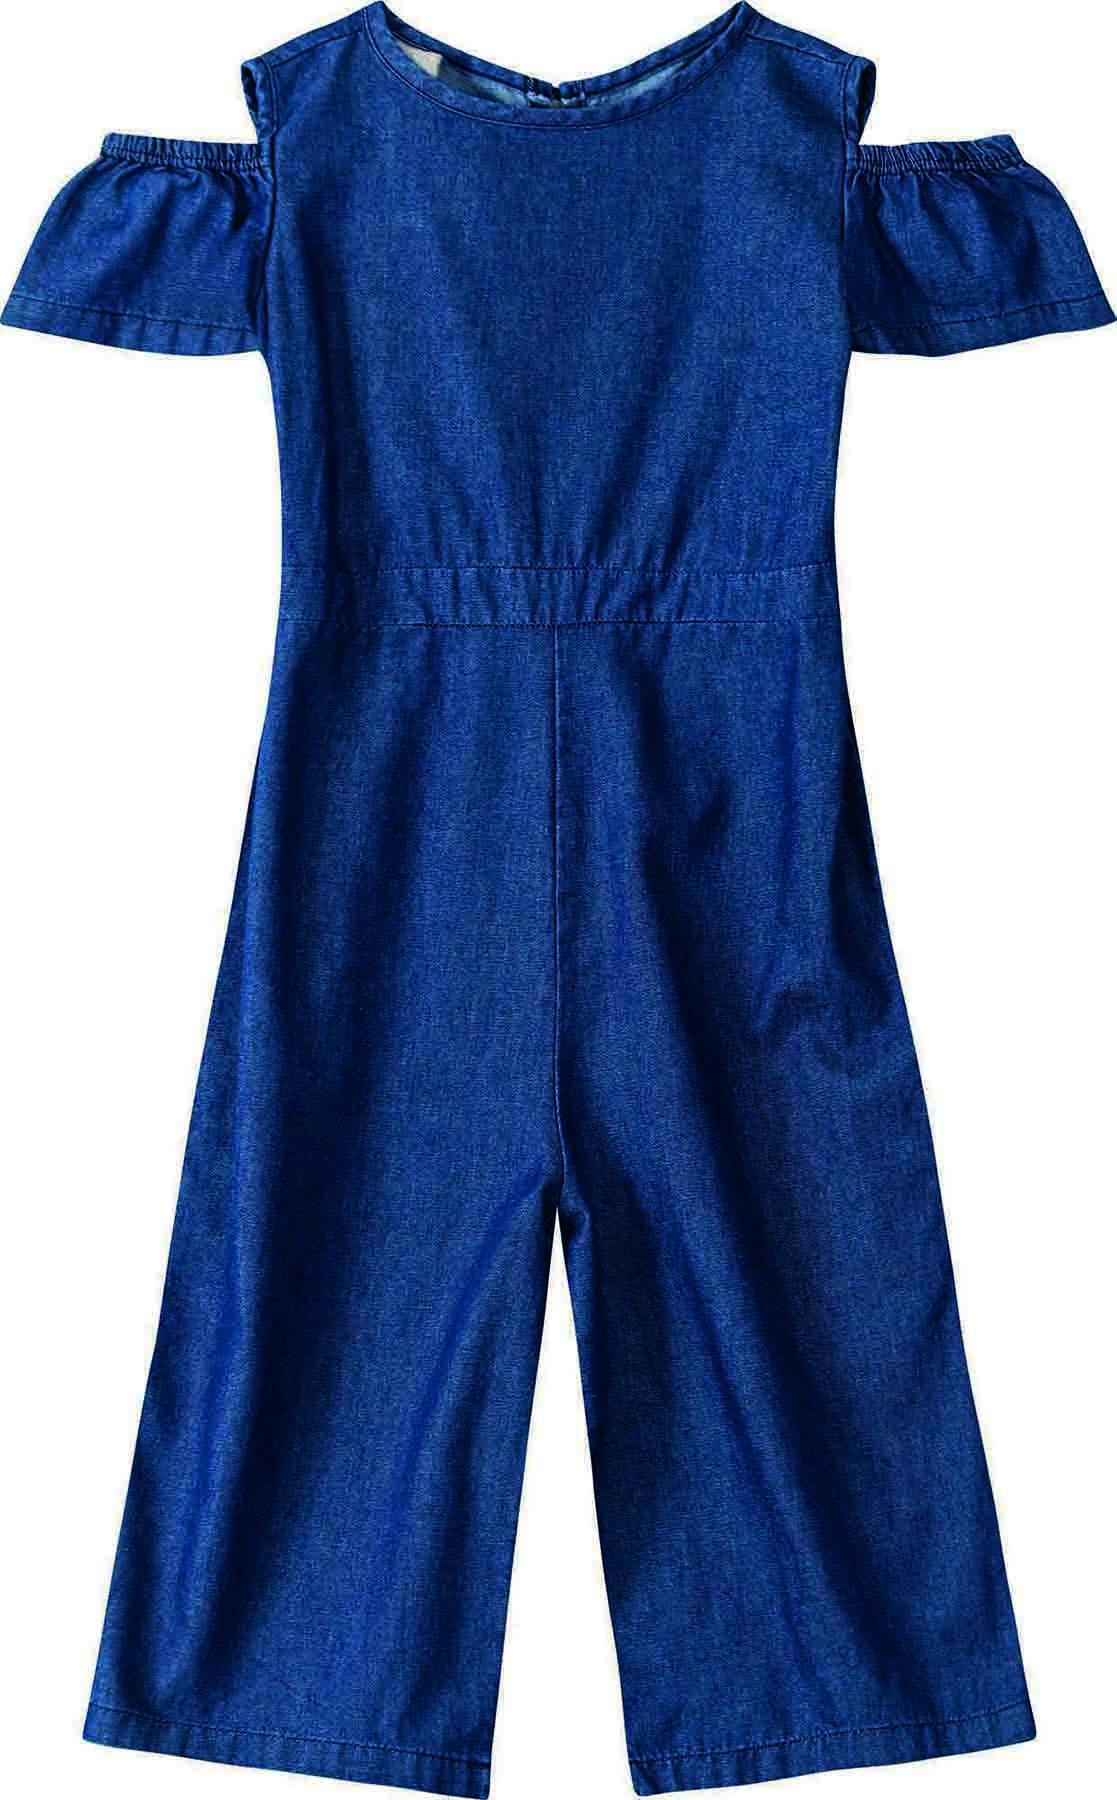 Macacão Pantacourt Jeans leve Azul Marinho - Tam 04 a 08 anos